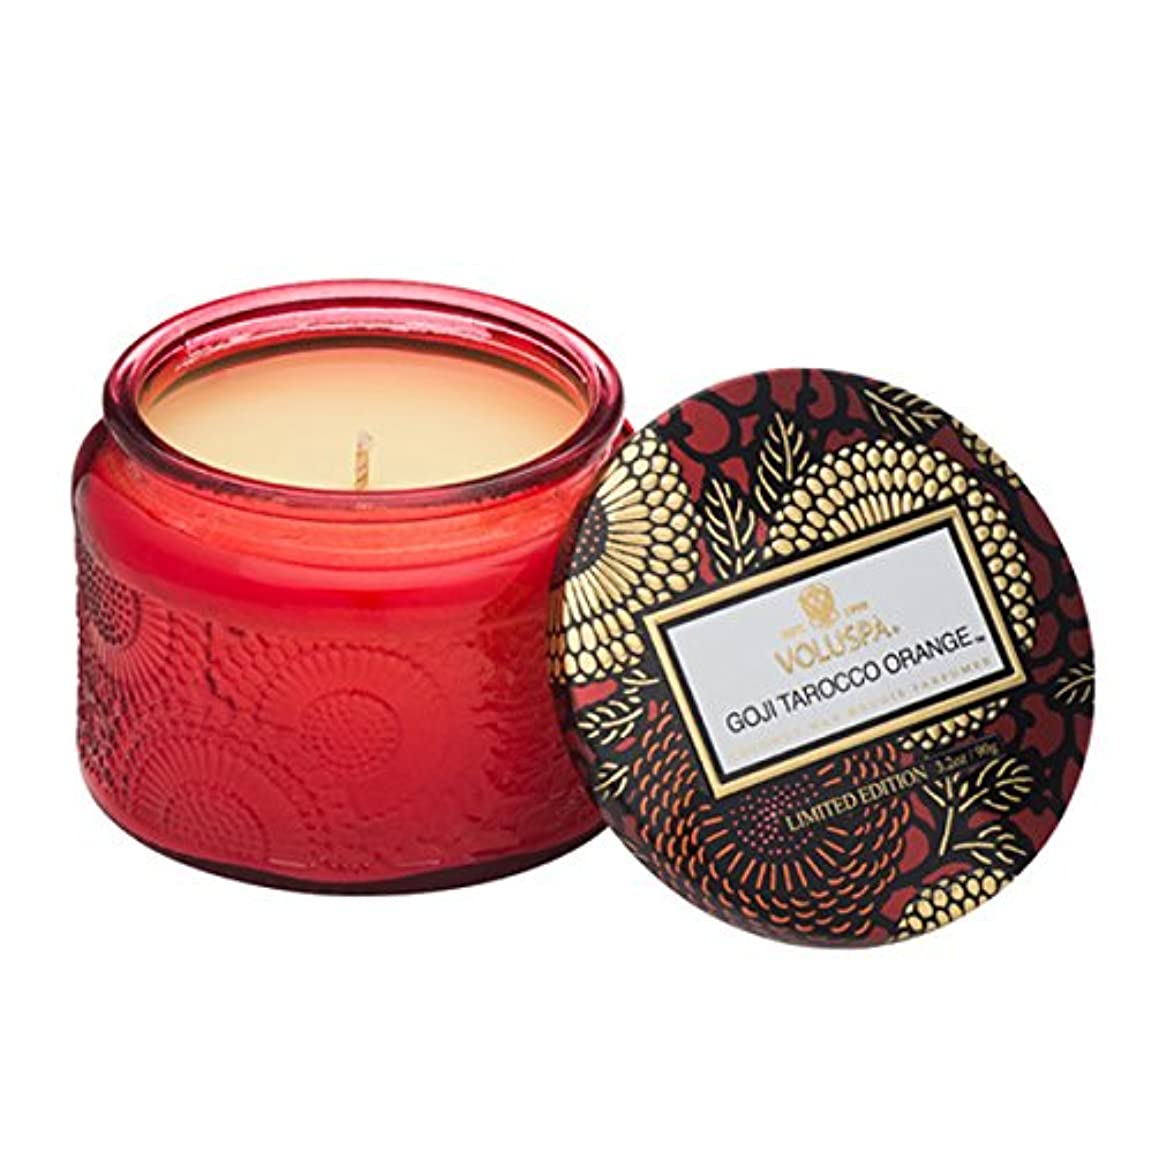 補正香水導体Voluspa ボルスパ ジャポニカ リミテッド グラスジャーキャンドル  S ゴージ&タロッコオレンジ GOJI & TAROCCO ORANGE JAPONICA Limited PETITE EMBOSSED Glass jar candle